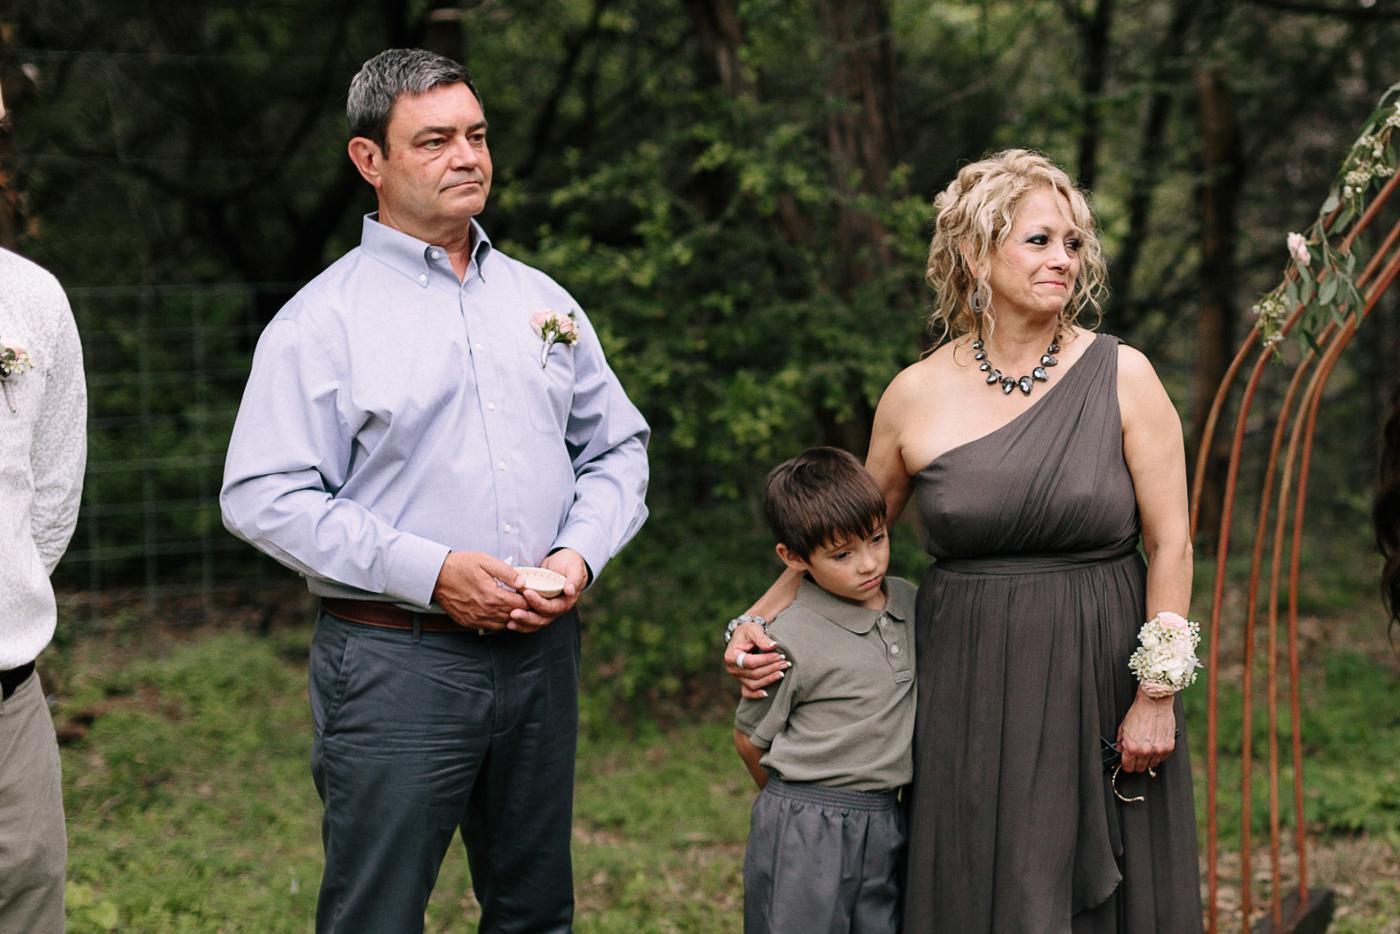 314-wimberley-texas-intimate-backyard-wedding.jpg